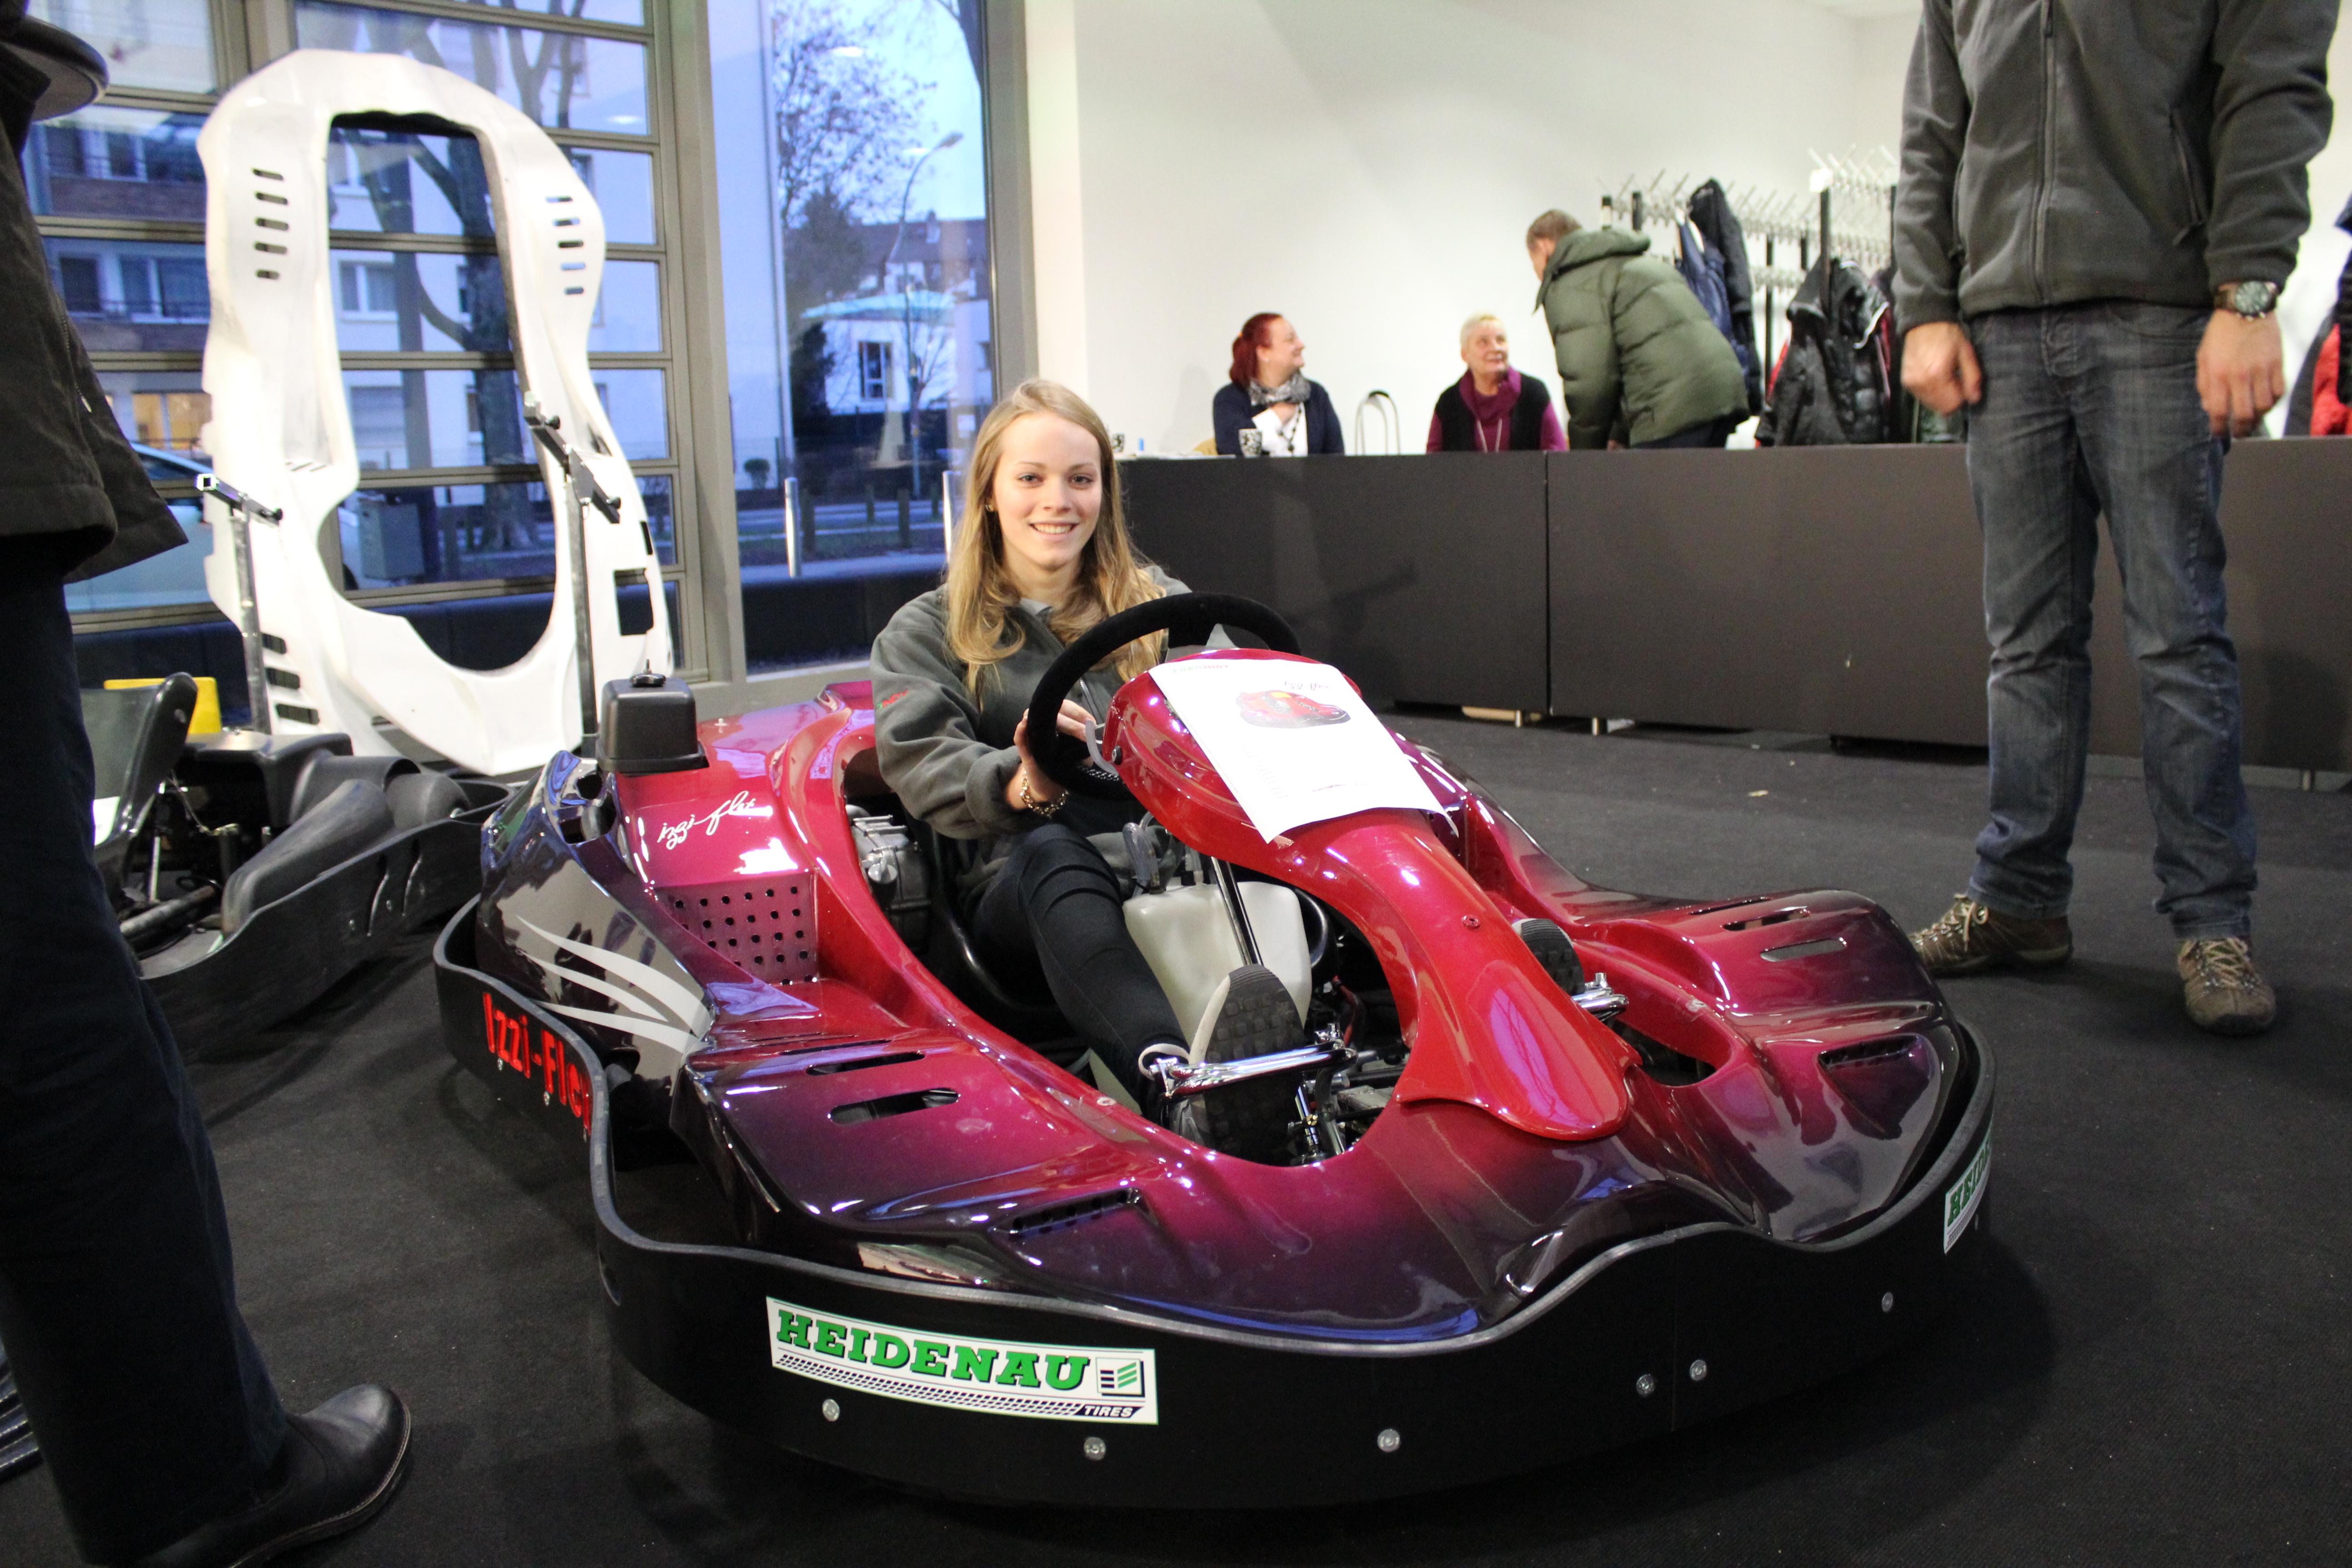 IZZI-FLEX Apresentação na Feira Internacional do Karting Alemanha28